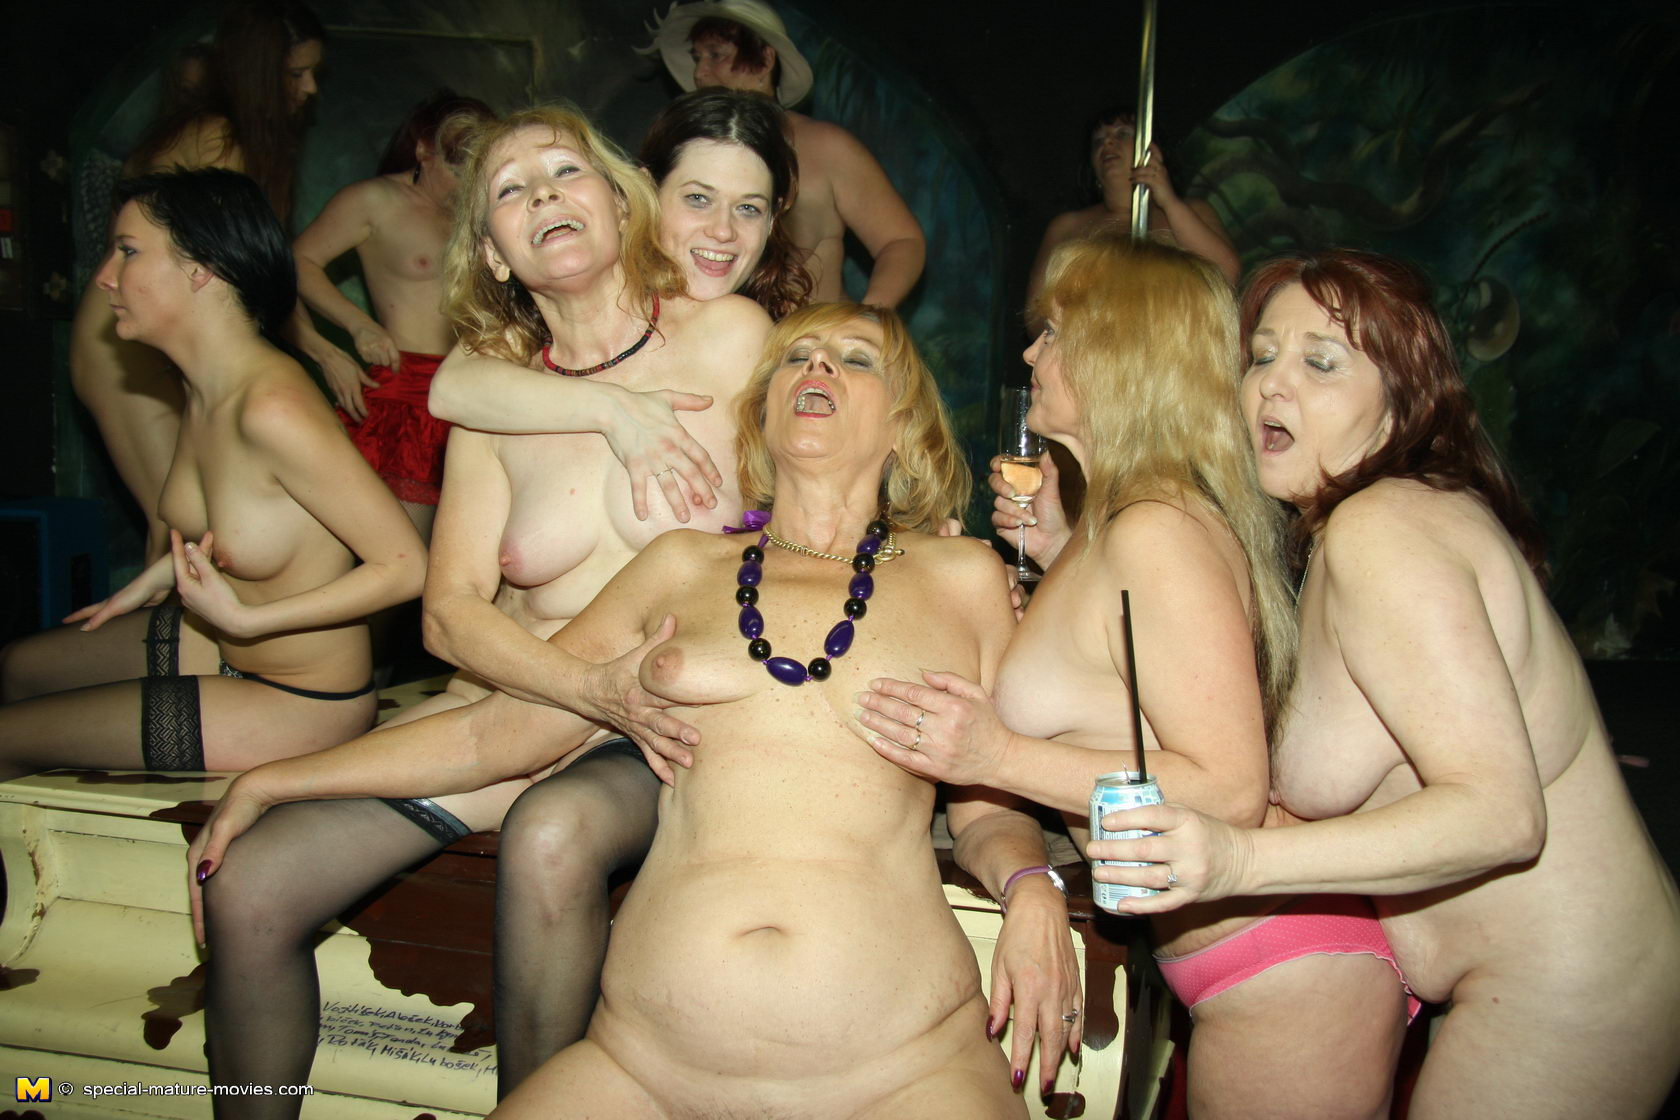 Смотреть оргии с вечеринок онлайн hd 13 фотография